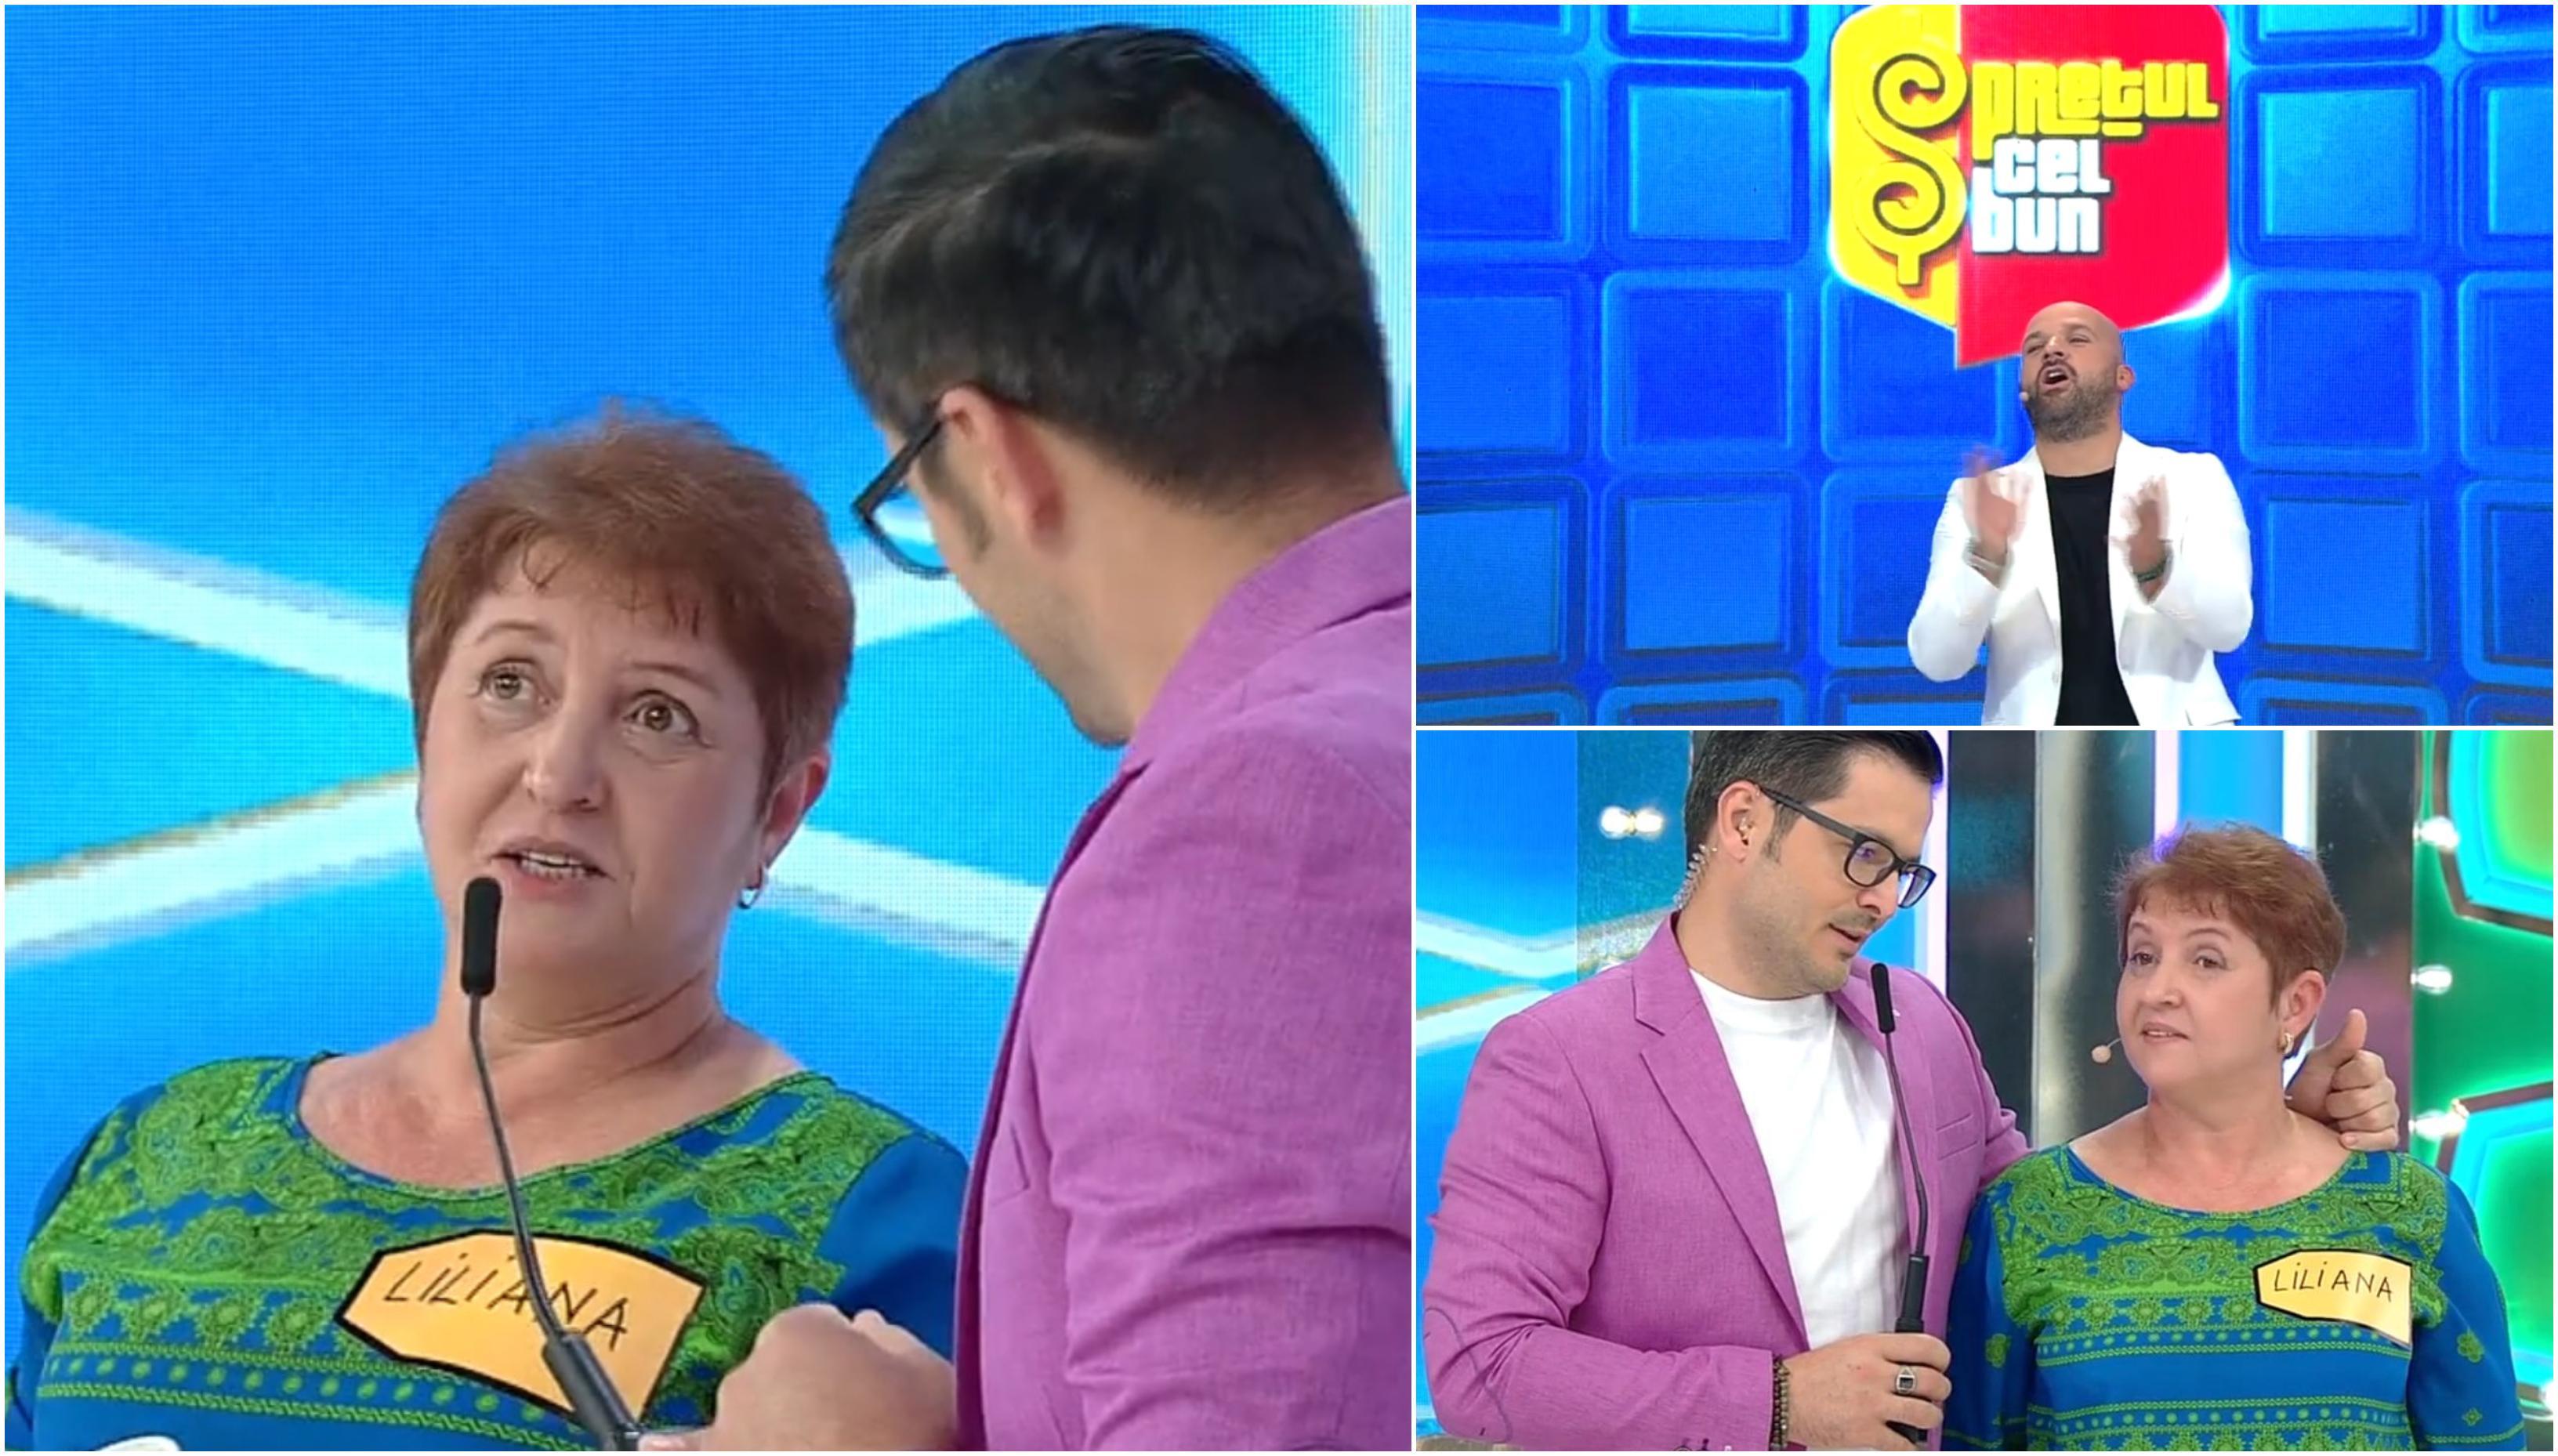 Prețul cel bun, 21 octombrie. Concurenta pe care Andrei Ștefănescu a aplaudat-o. Ce a mărturisit aceasta